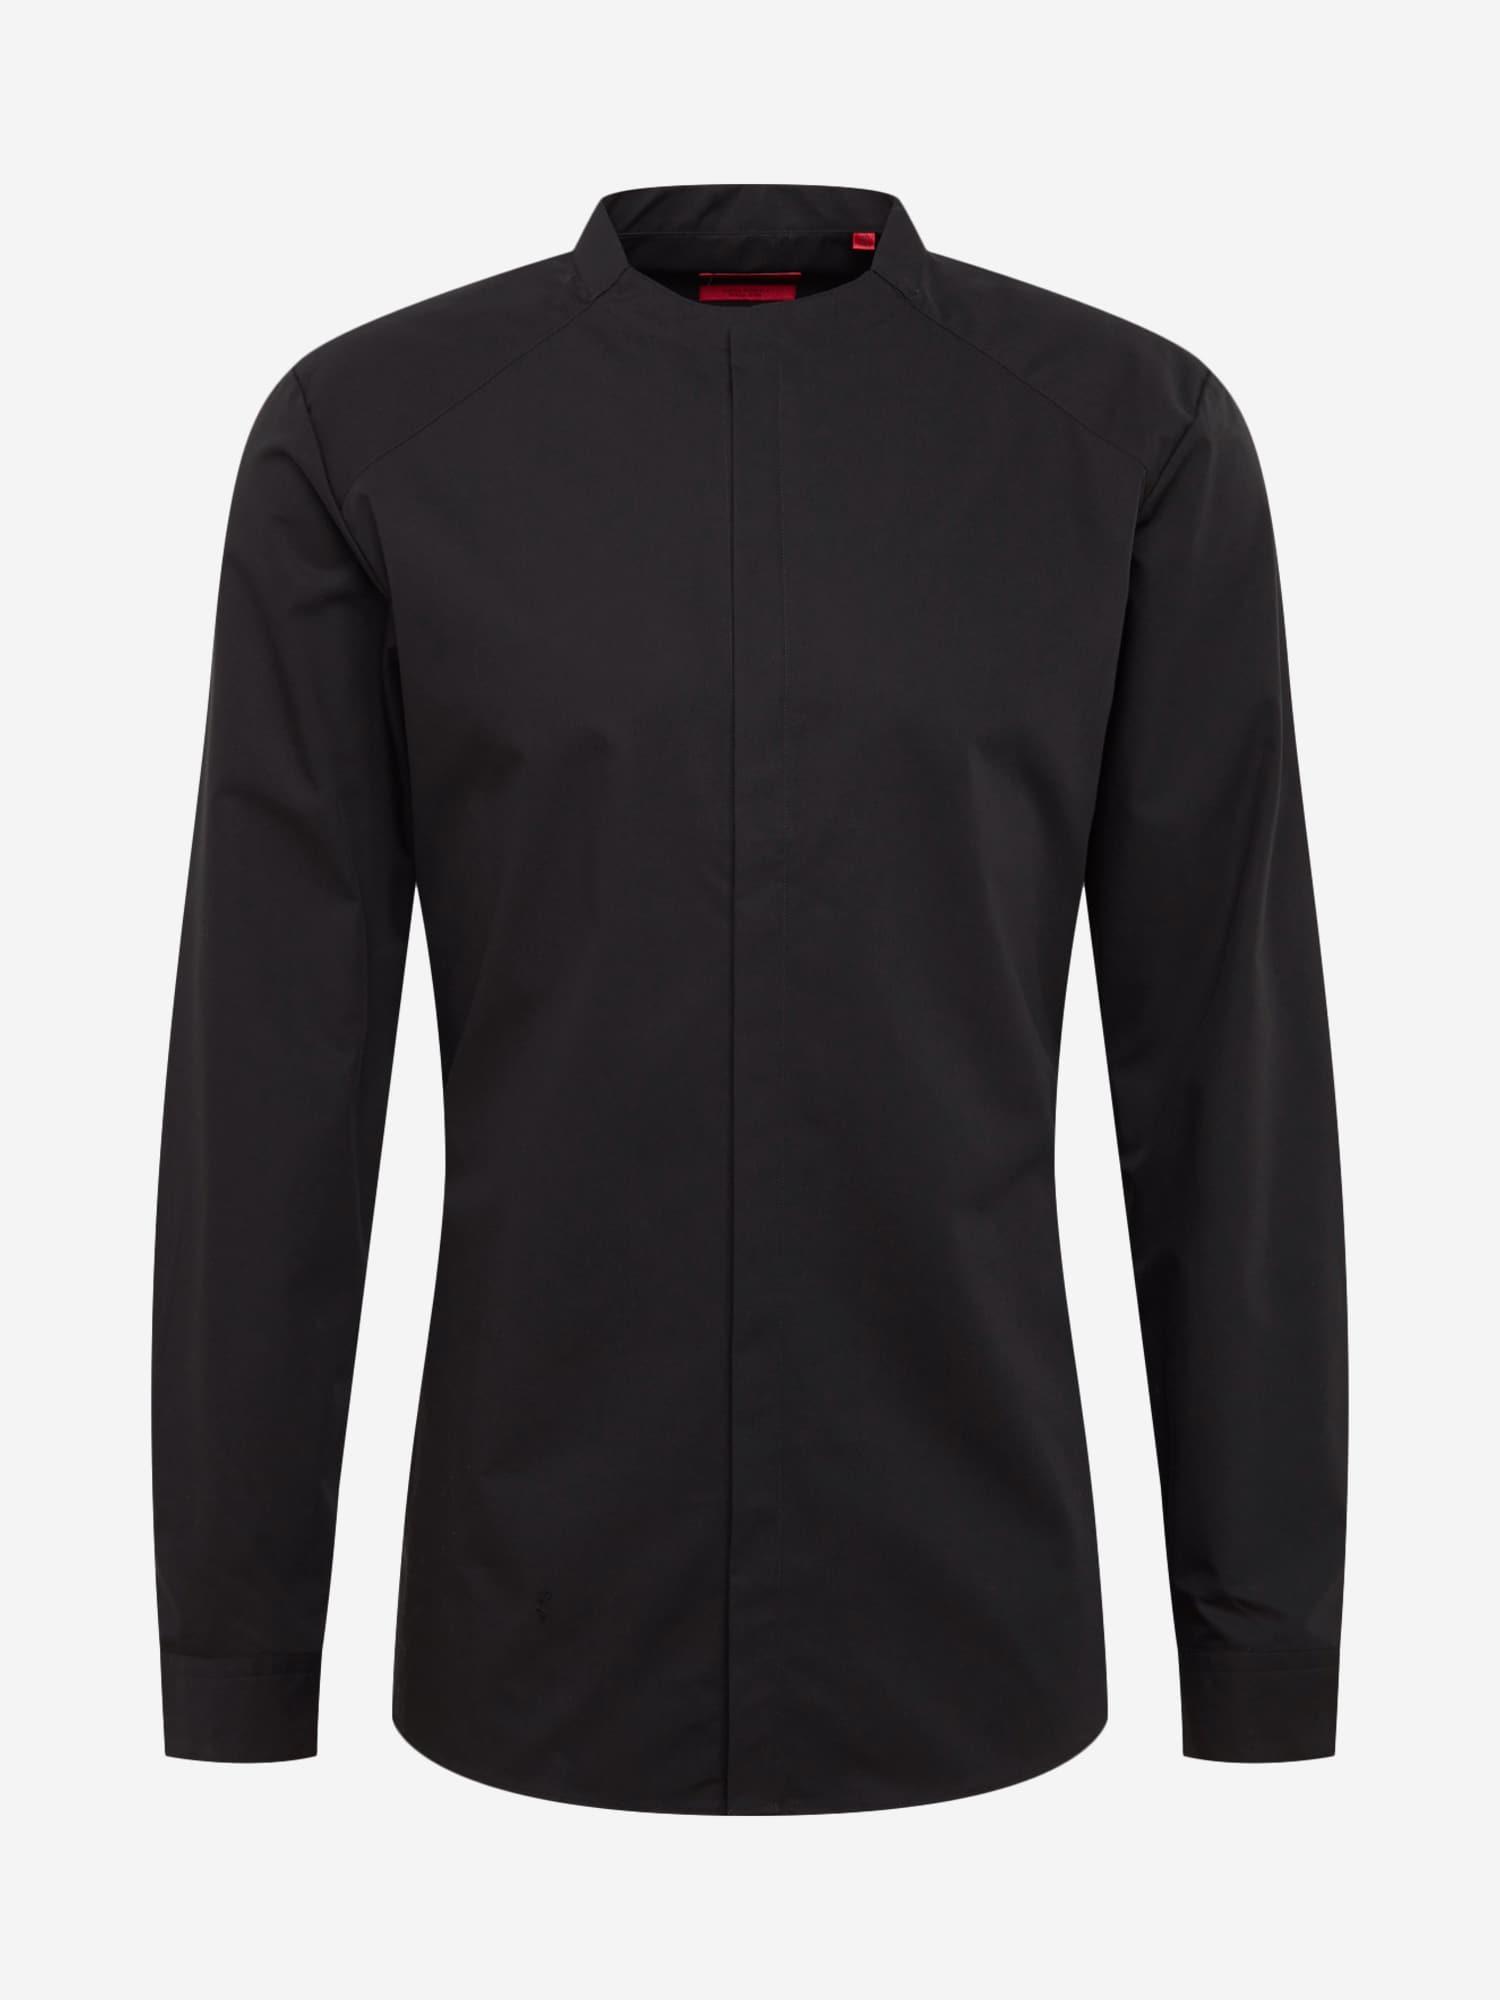 Společenská košile Ertis černá HUGO